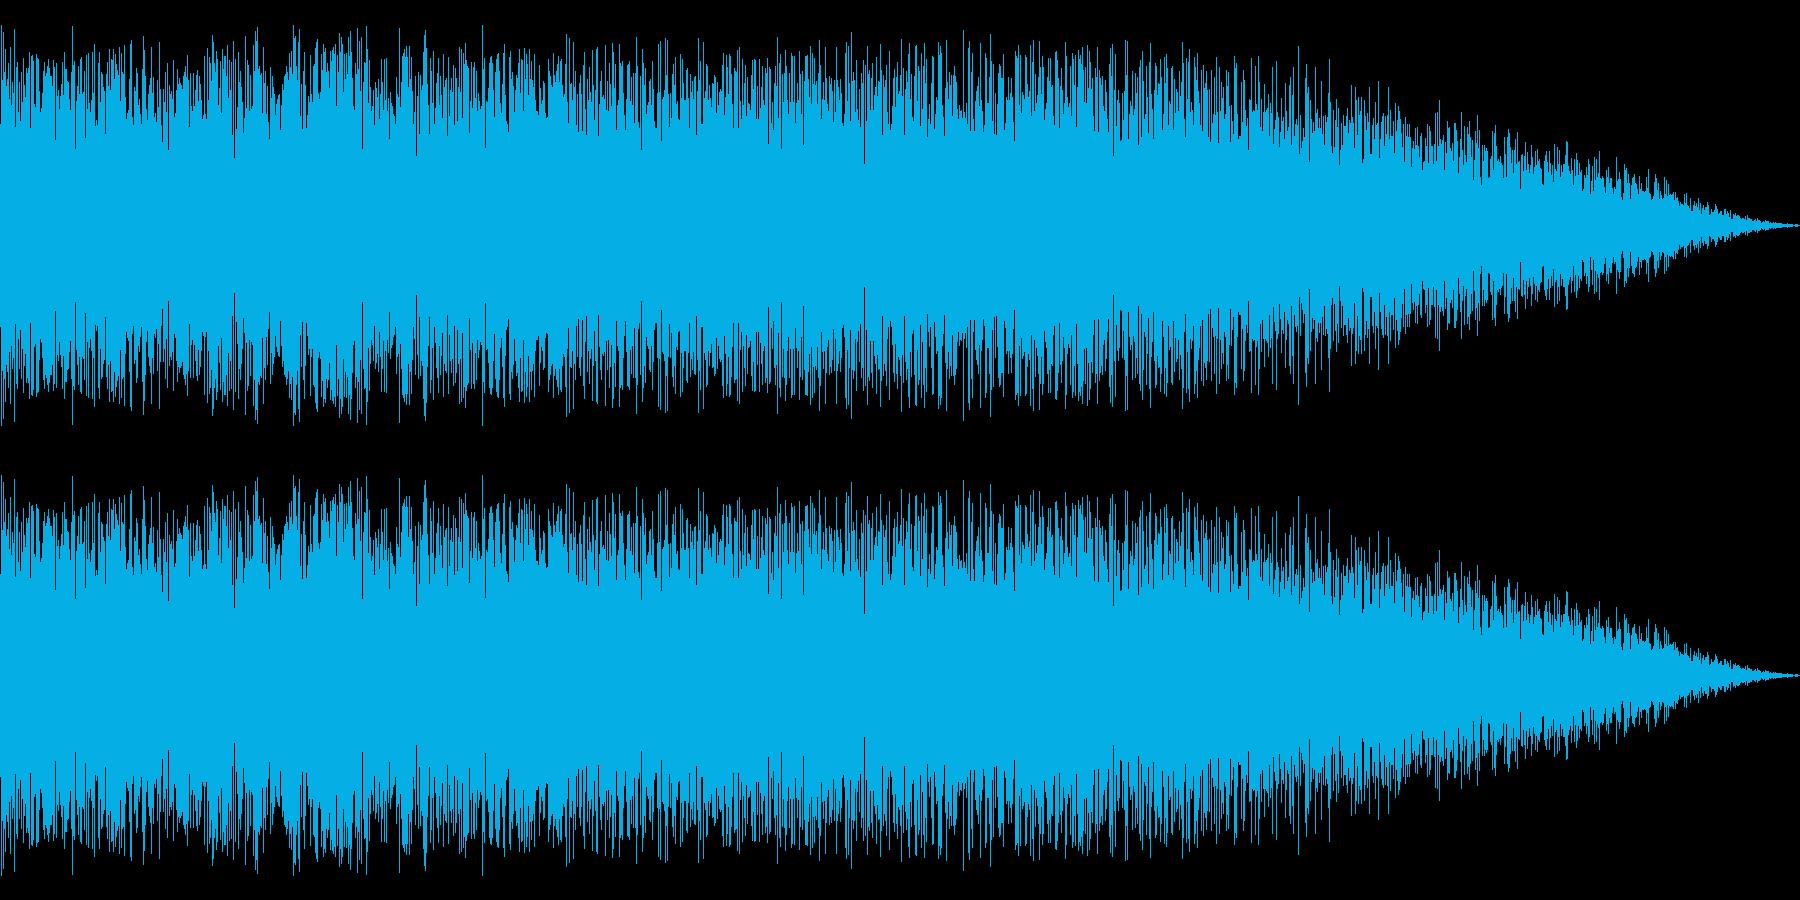 ディストーションのメタルなツインギターの再生済みの波形